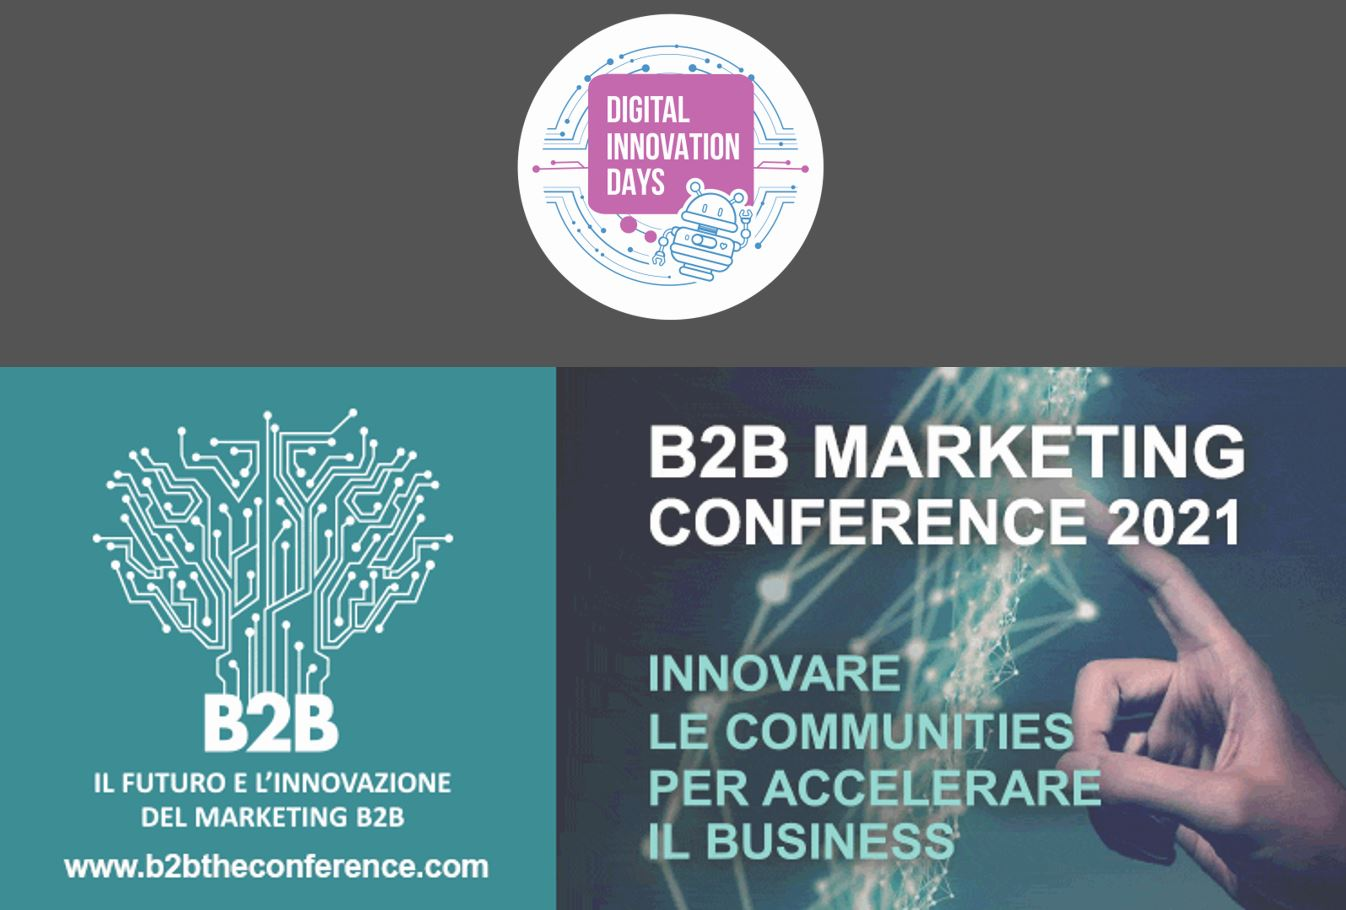 Didays alla B2B Marketing Conference: la promo per il biglietto